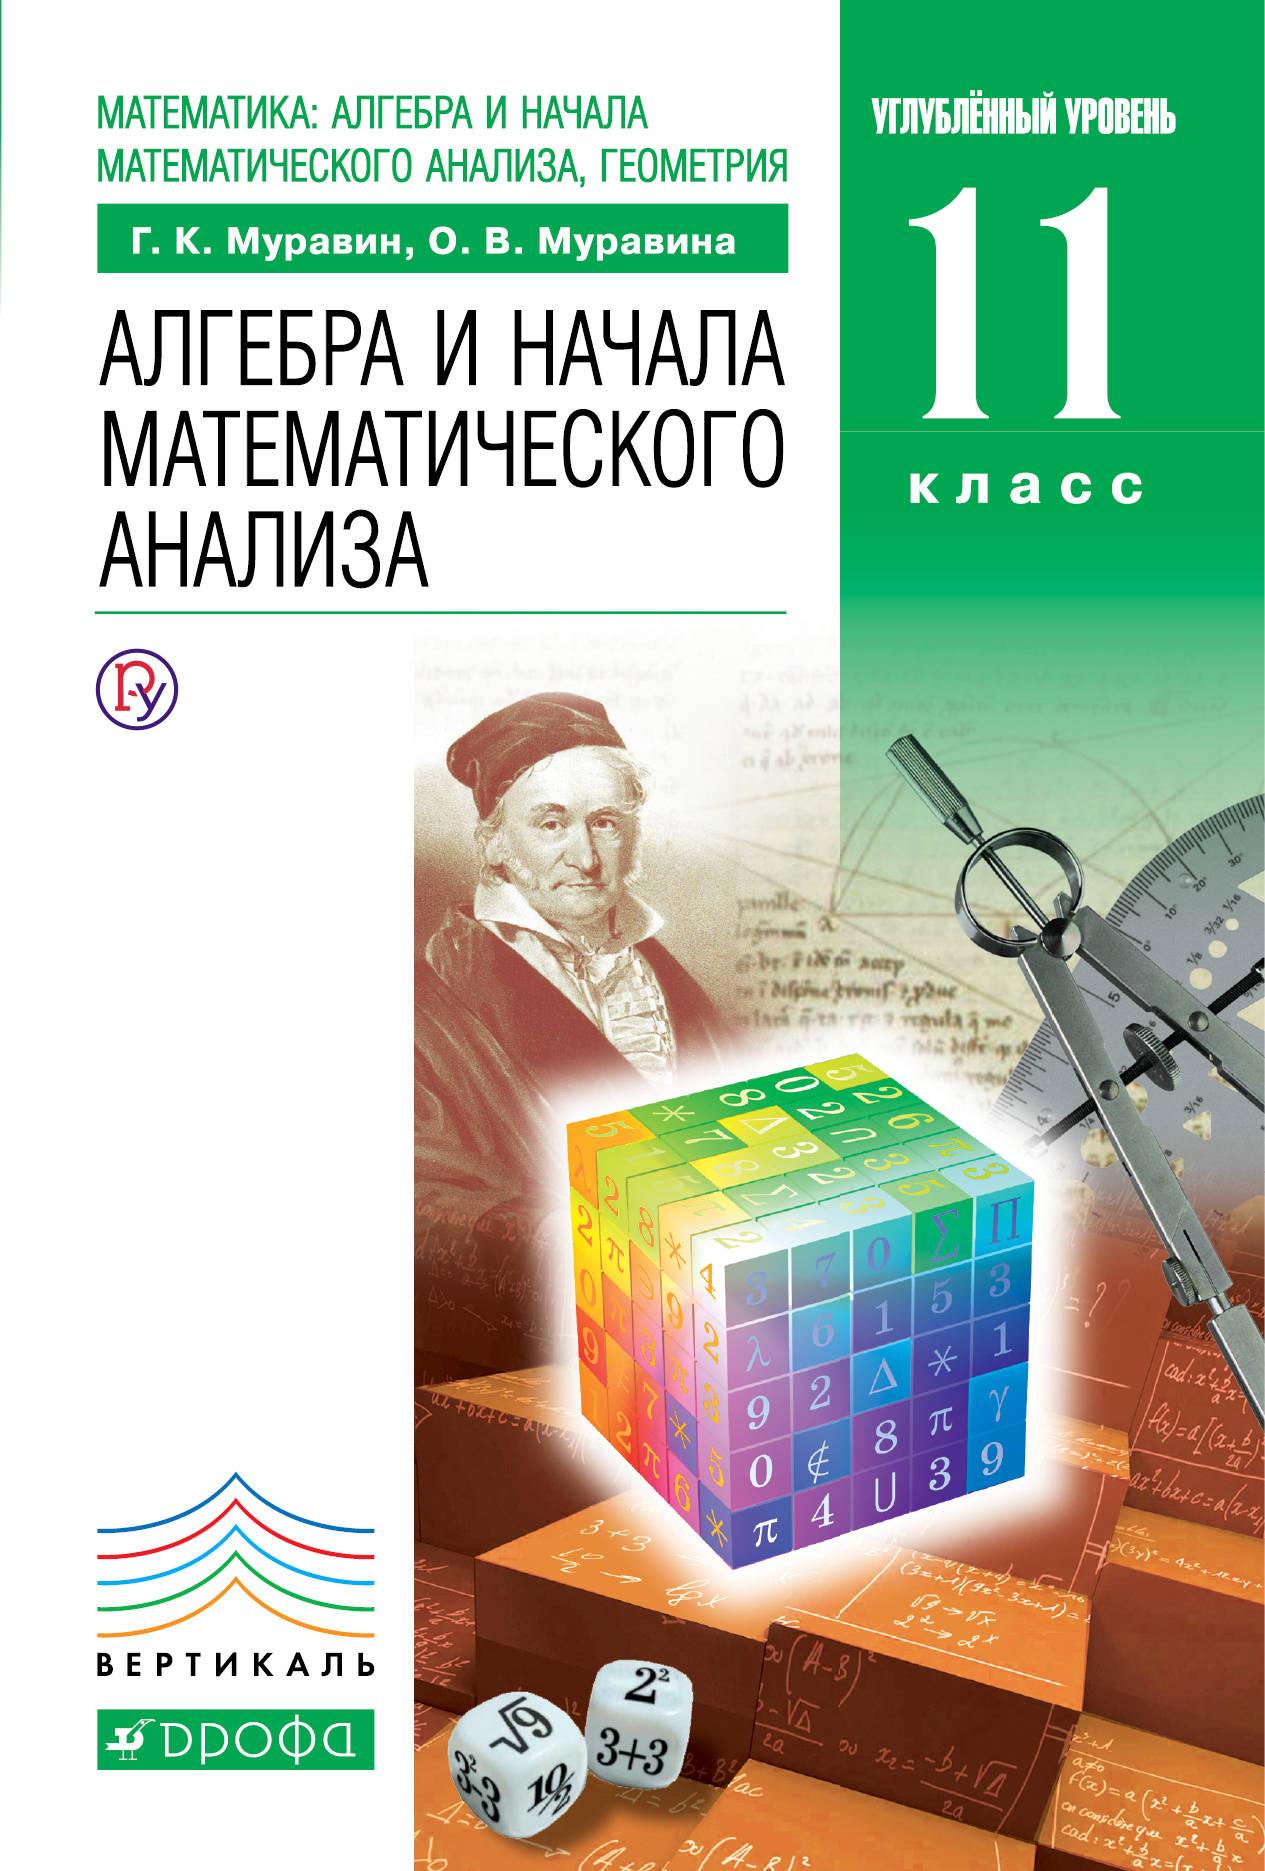 Математика: алгебра и начала математического анализа, геометрия. Алгебра и начала математического анализа. Углубленный уровень. 11 класс. Учебник